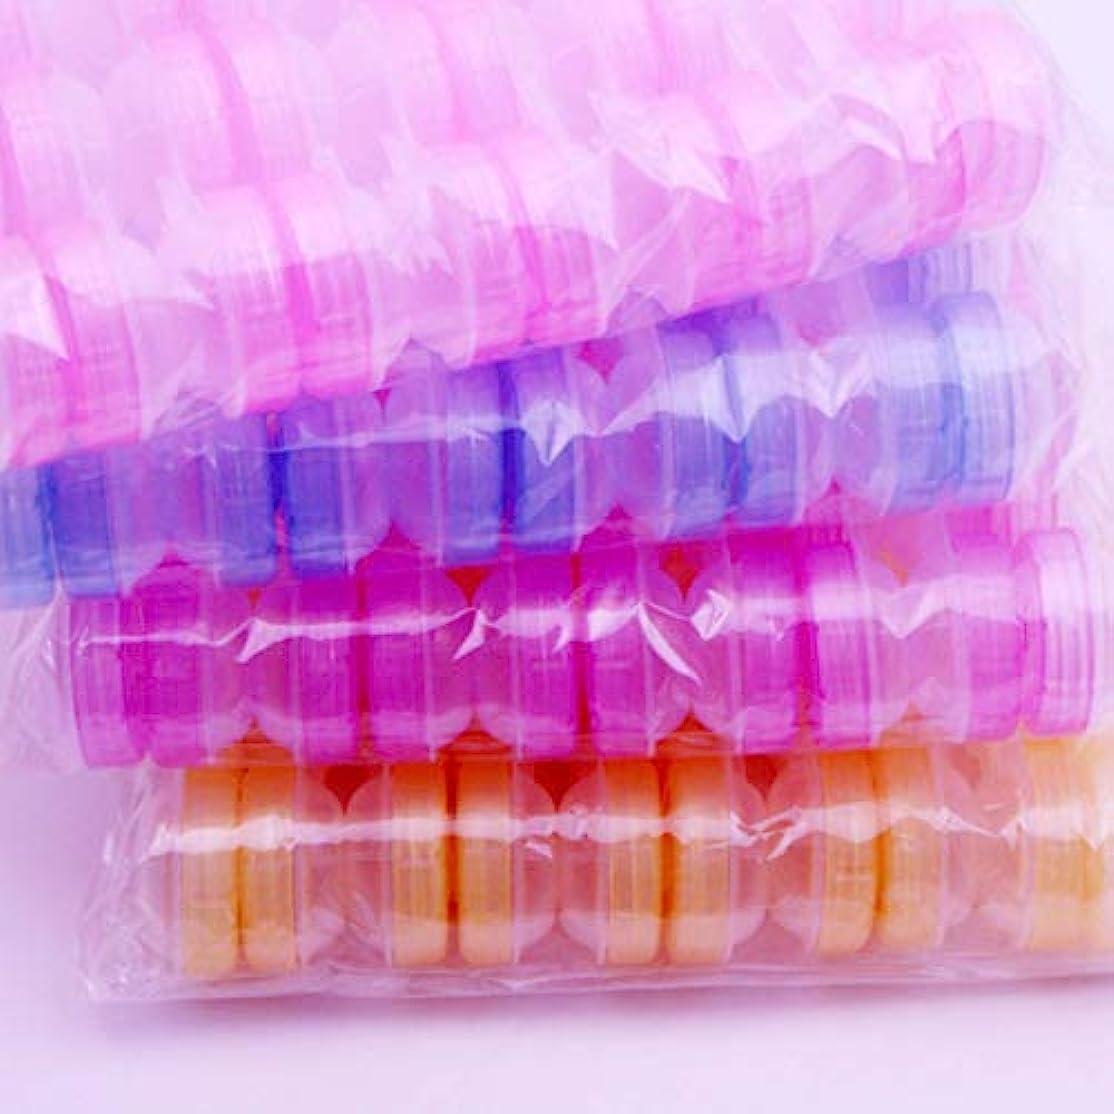 滴下鏡叱るIntercorey 10ピース透明コンタクトレンズケースダブルボックス透明美容メイトボックス美容ケアボックス見えないボックス